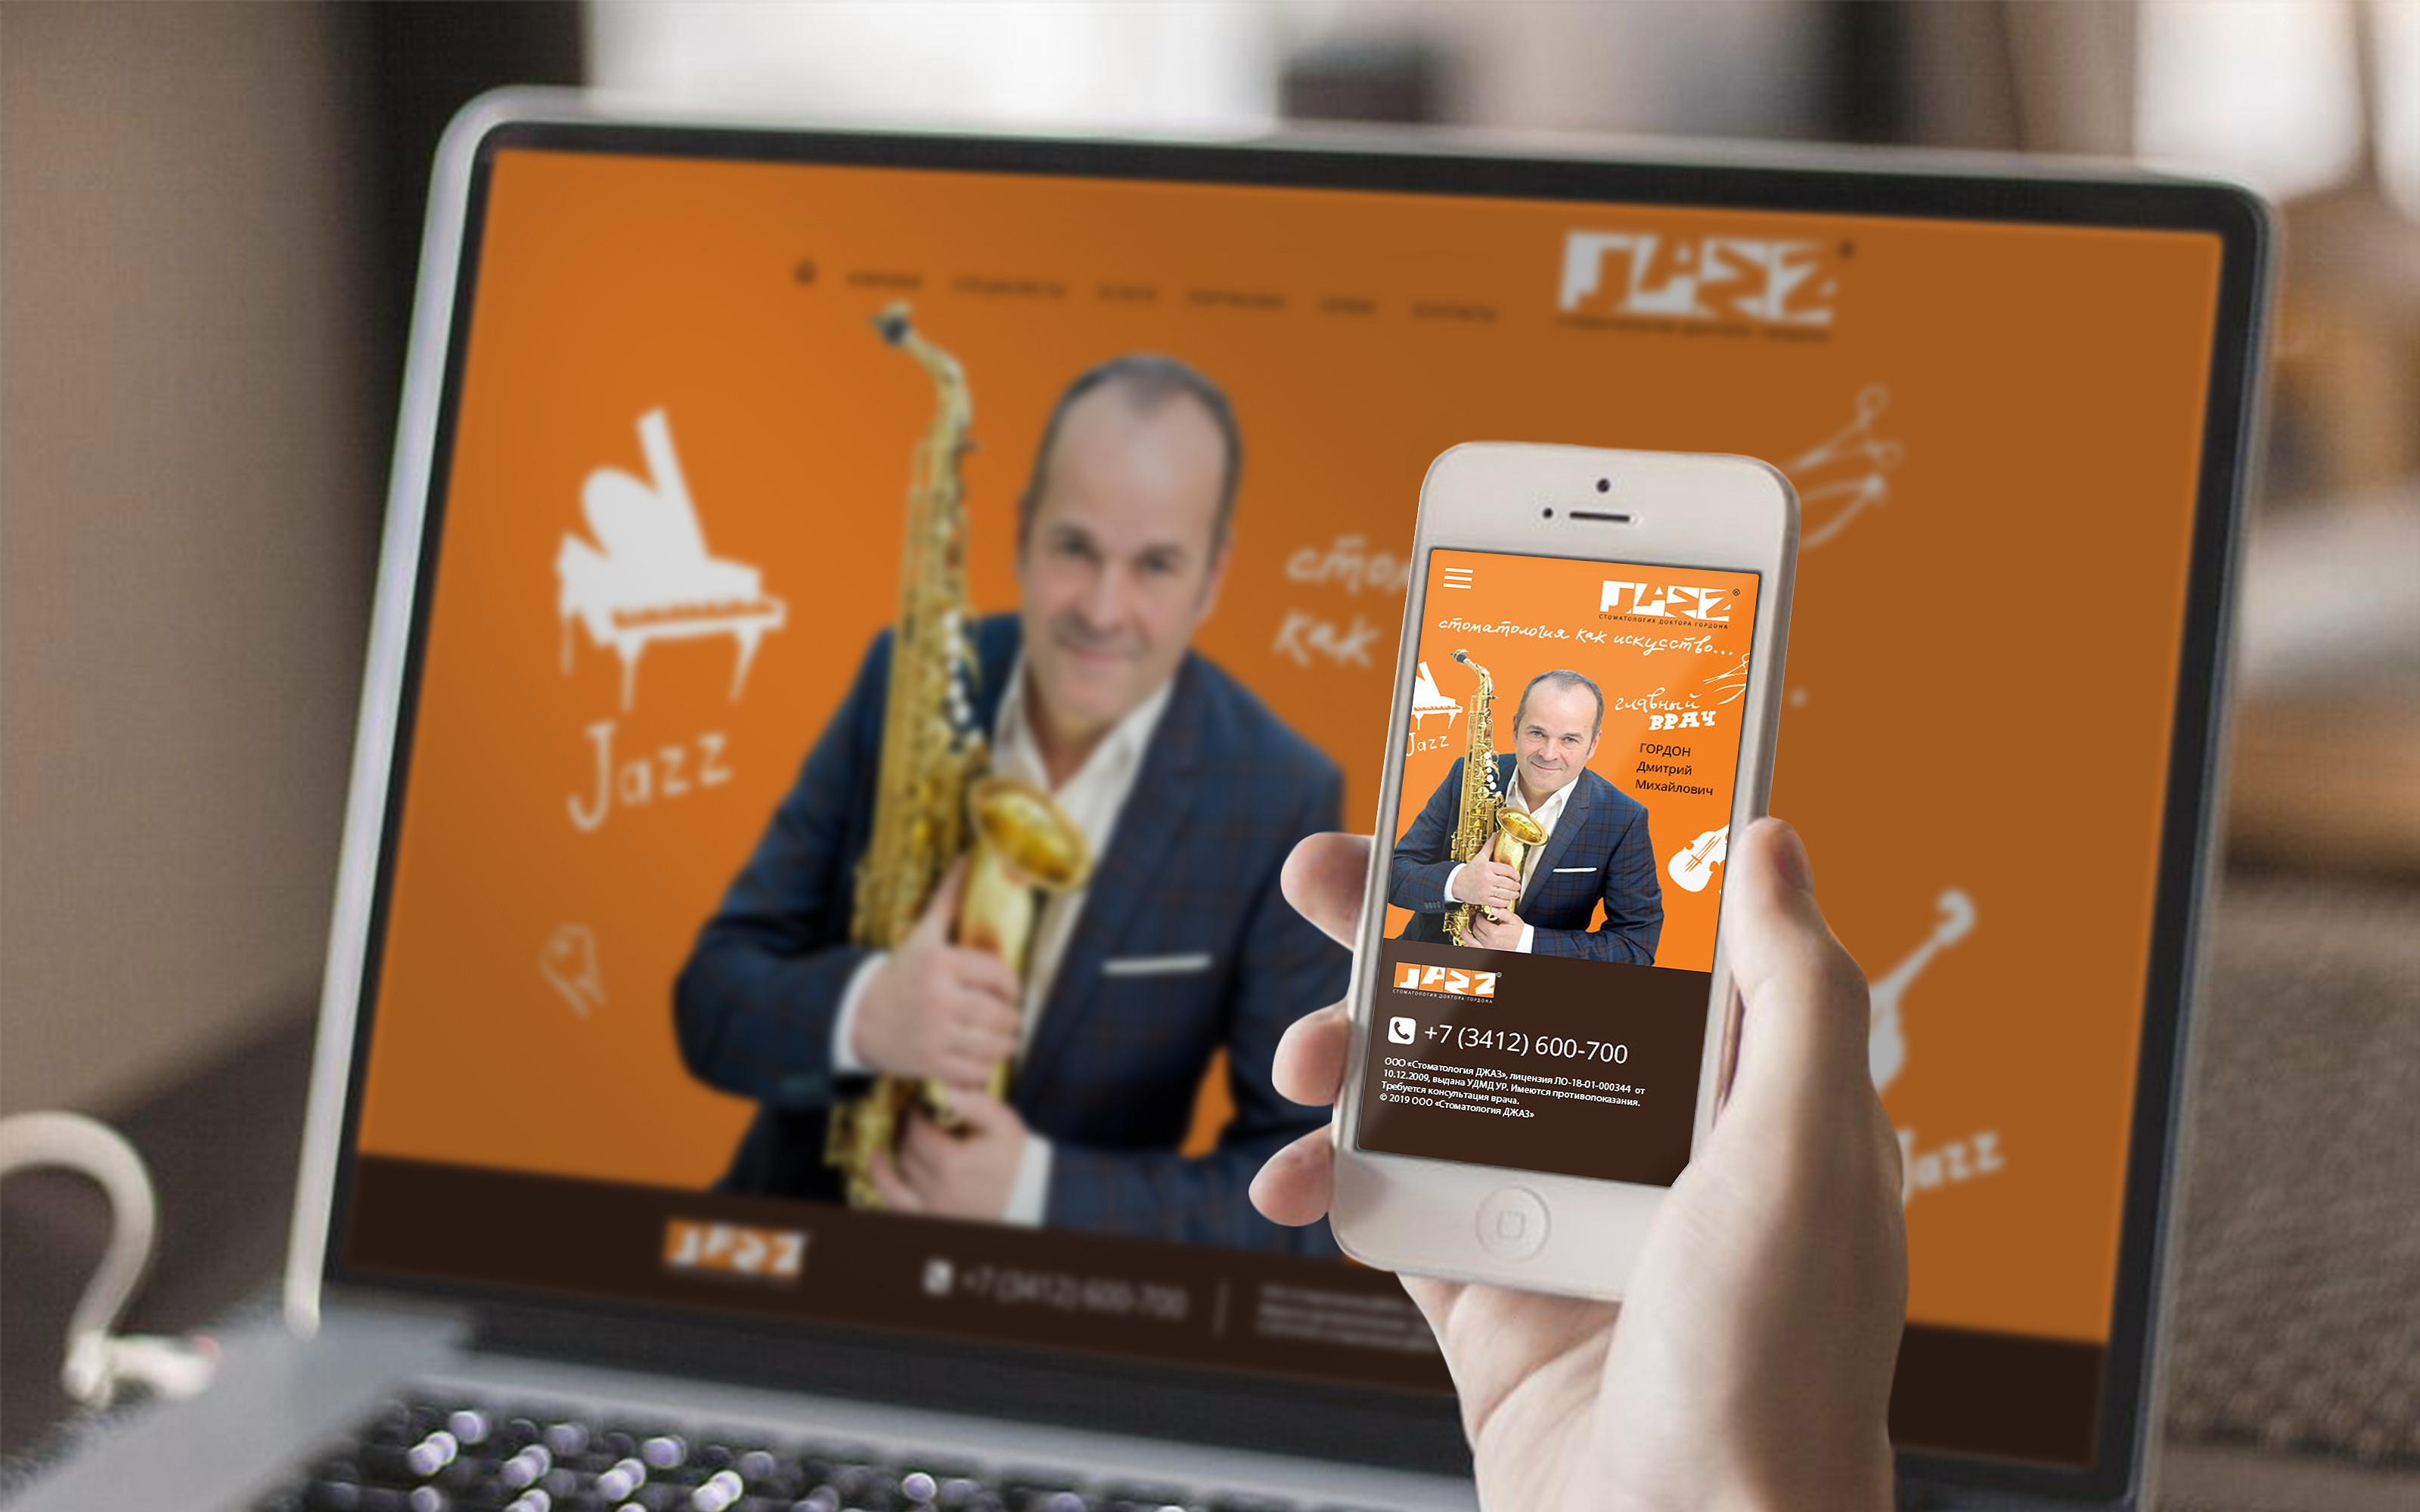 Дизайн сайта и мобильного приложения в фирменном стиле сети стоматологий JAZZ (Джаз) от агентства Мухина Дизайн (Muhina Design)